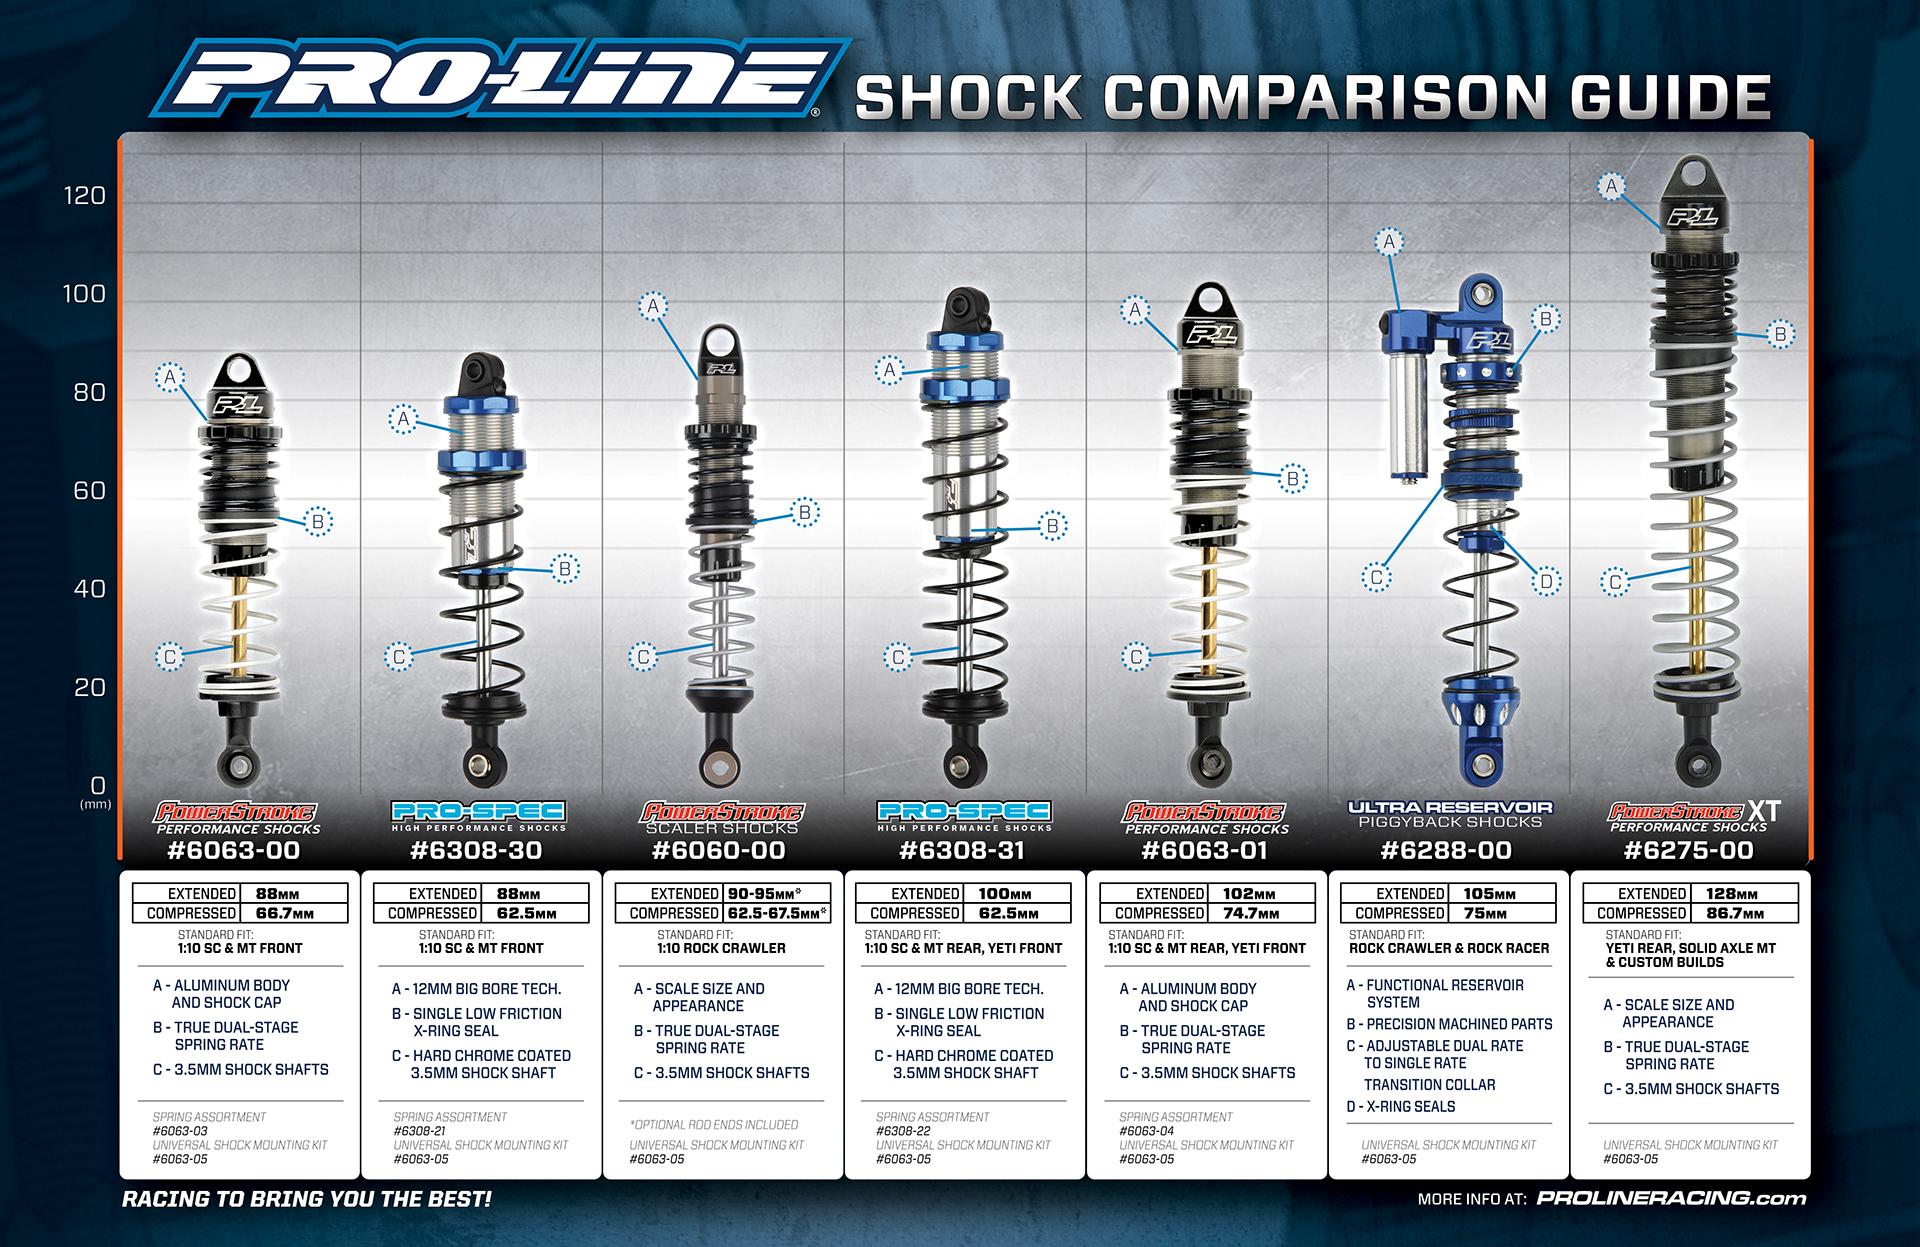 pro-line-shock-comparison-guide